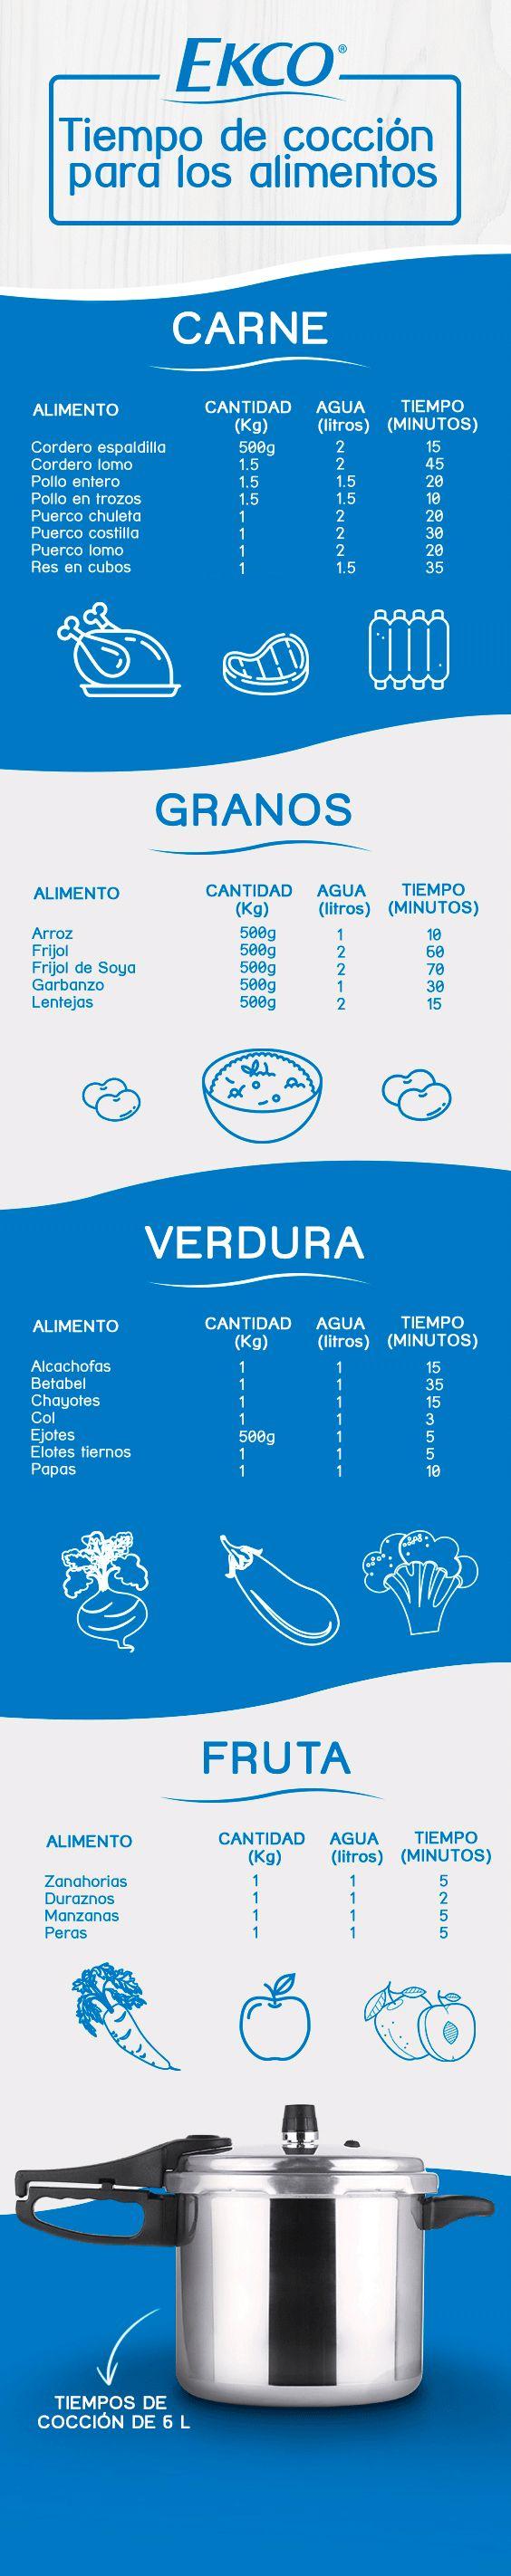 Identifica los tiempos de cocción para cada alimento en tu Olla Express® Ekco®.